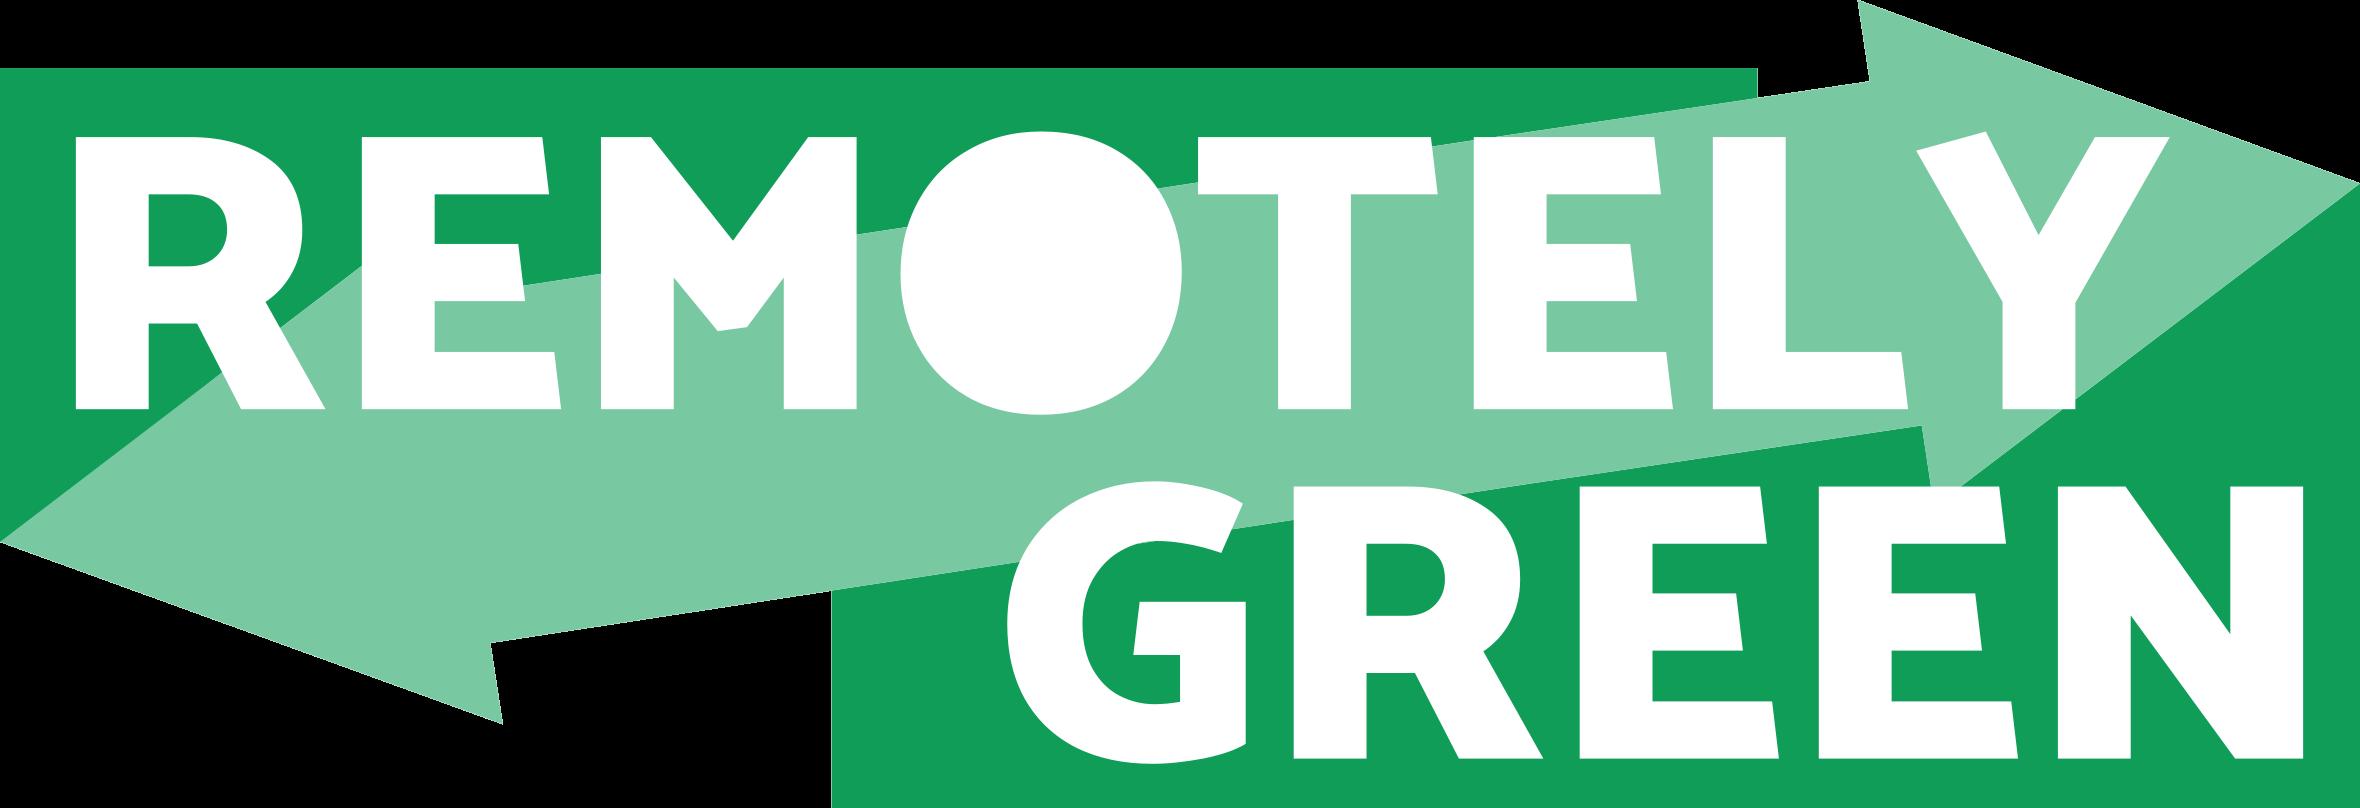 RemotelyGreen logo